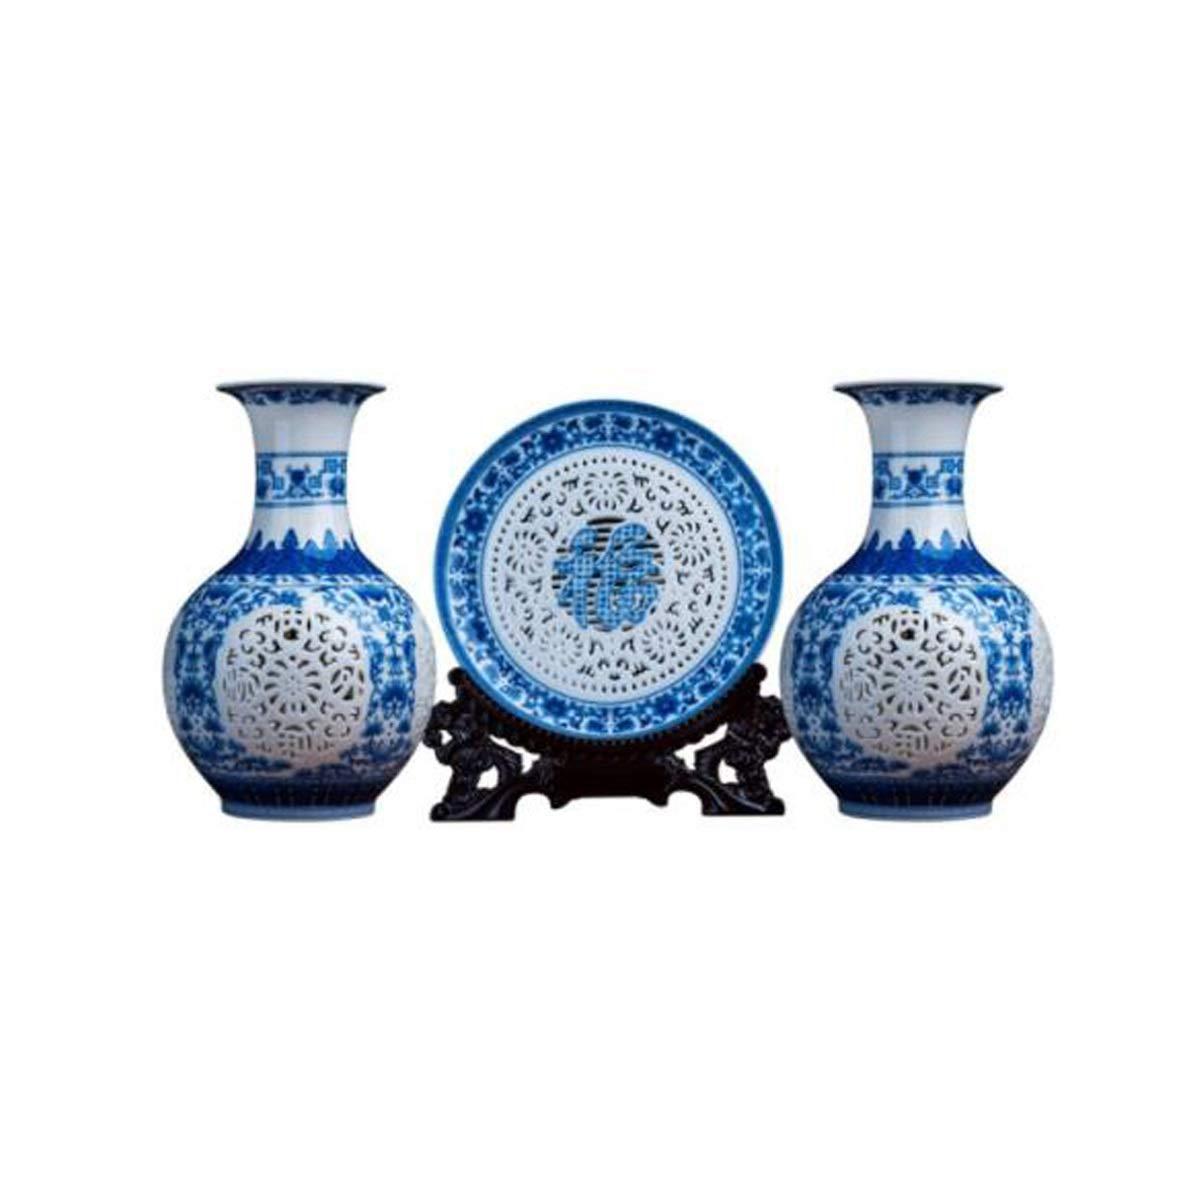 陶磁器の装飾品、景徳鎮の陶器、中空花瓶の装飾、居間のスリーピースの装飾工芸品、中国の家庭用ワインキャビネットのポーチ、青と白の天の瓶スリーピース (Edition : B) B07SJNS777  B